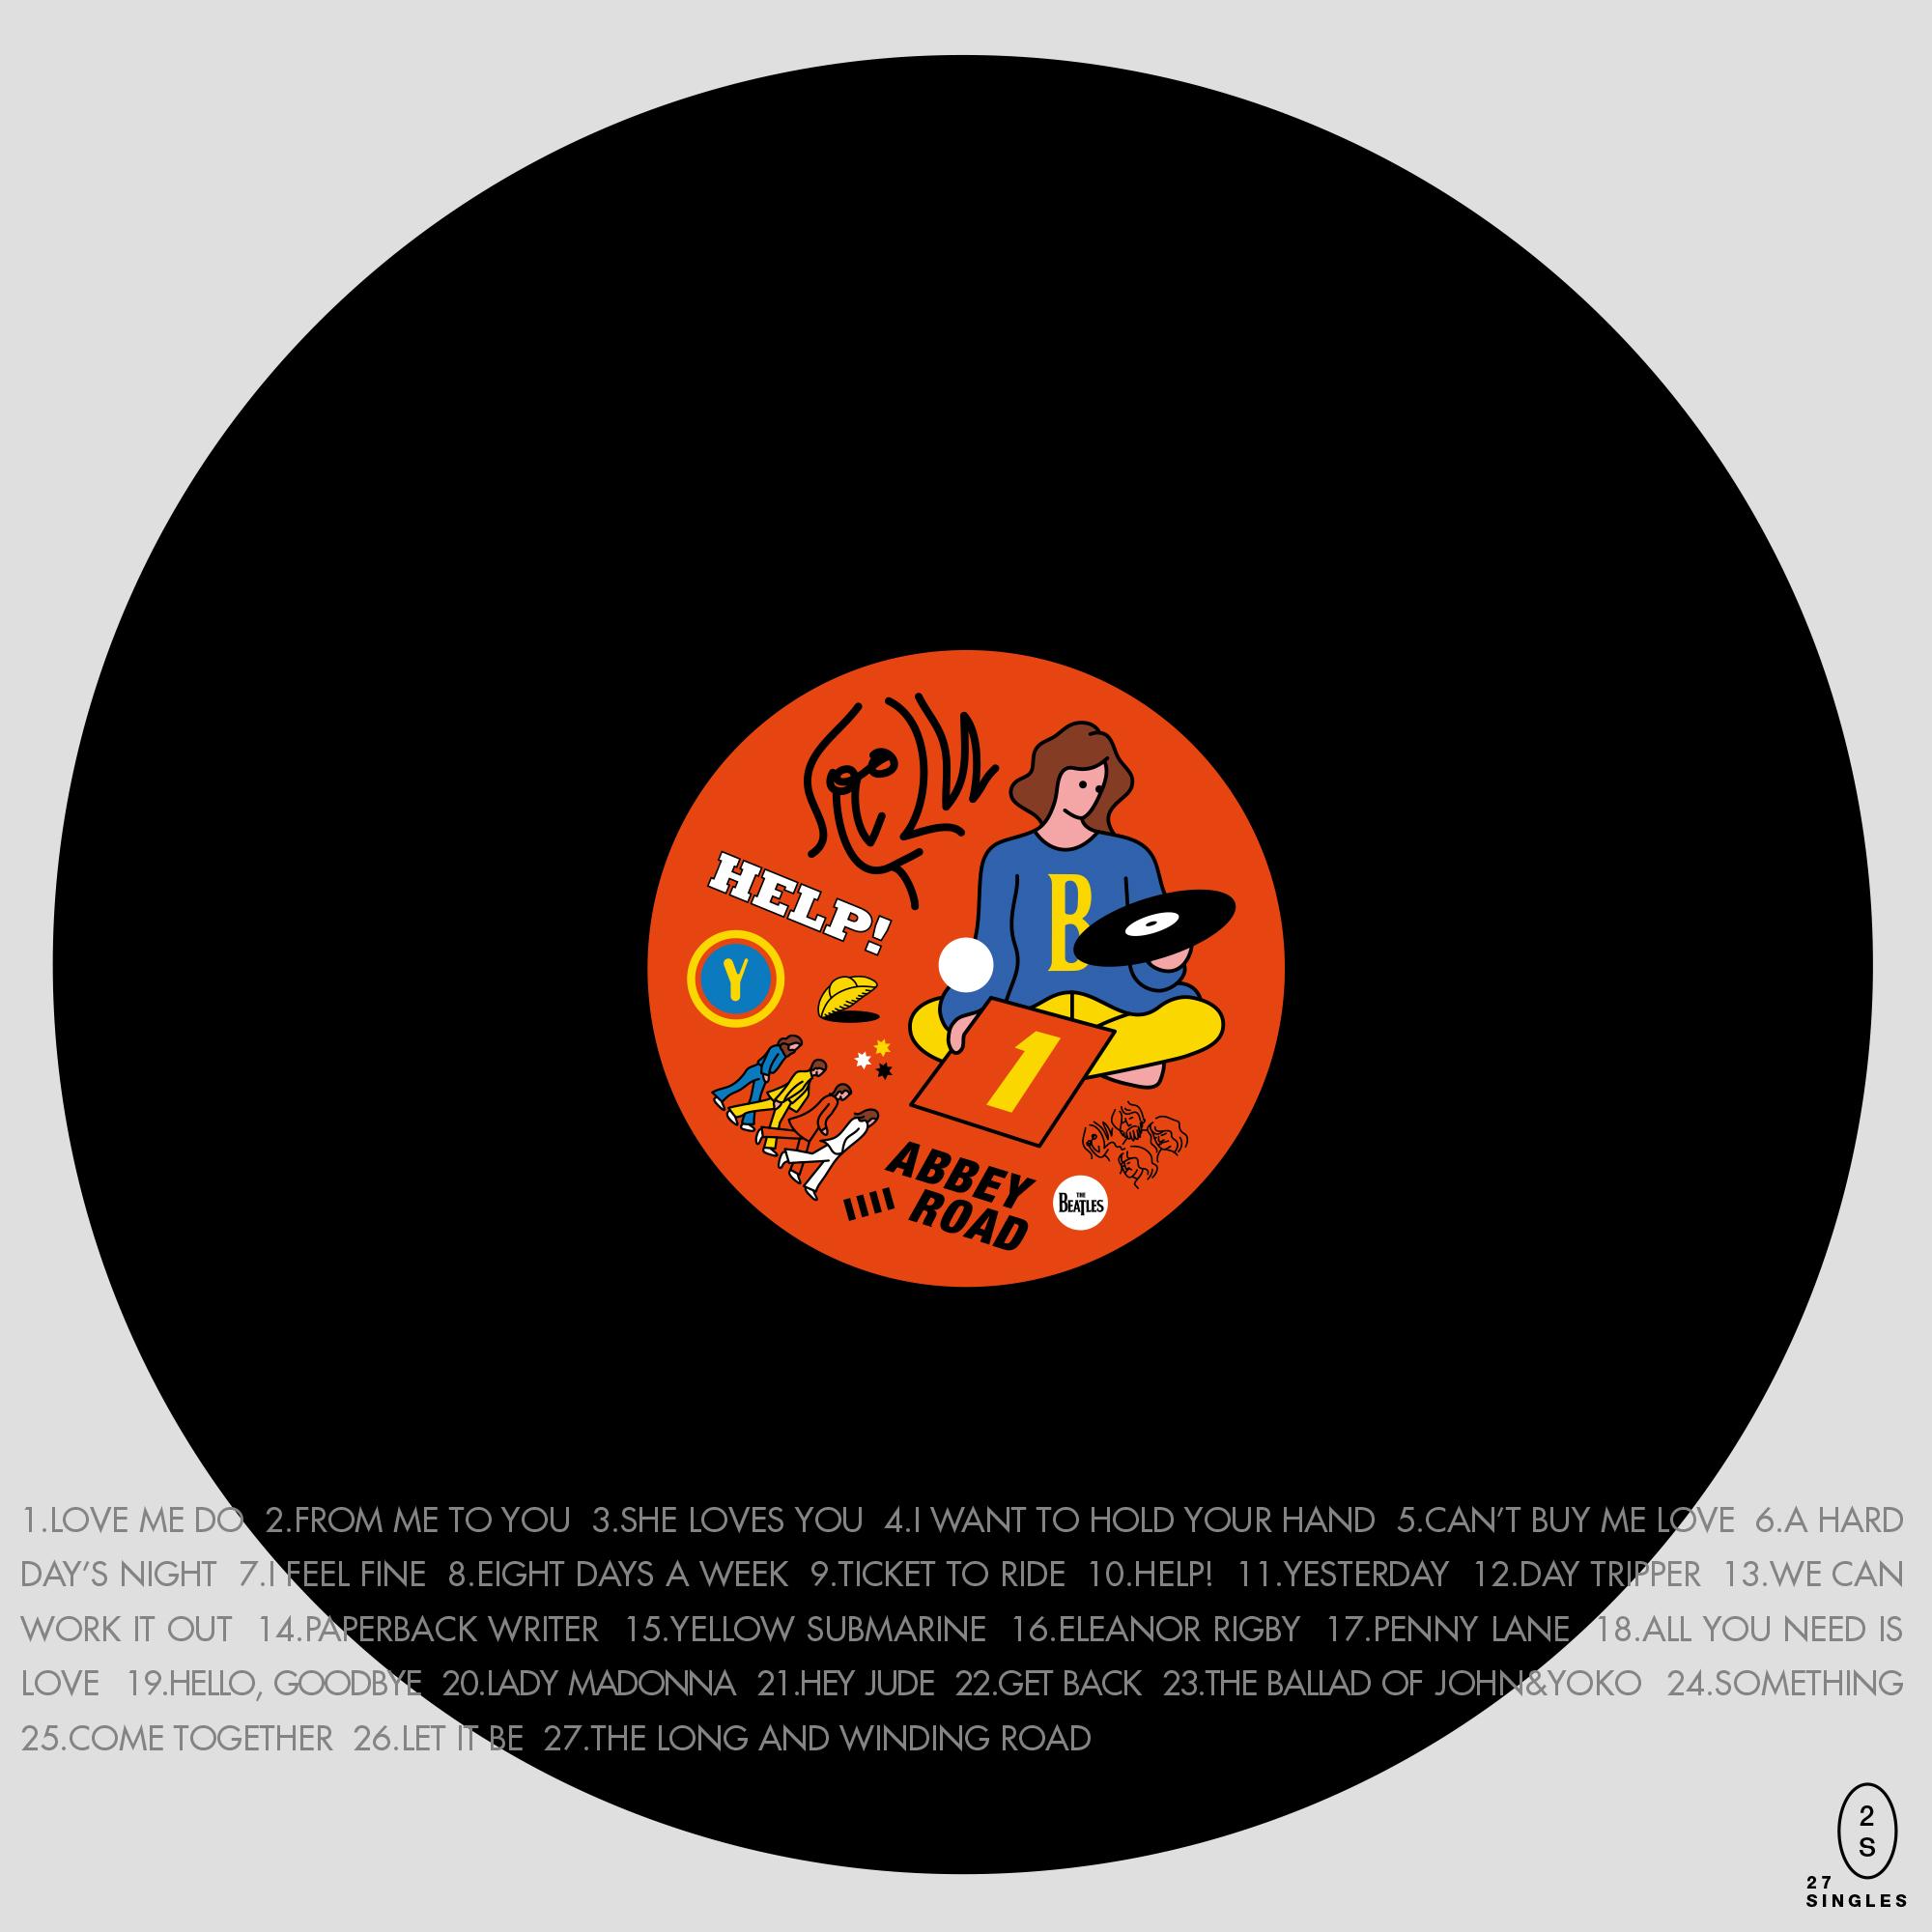 agent 89와 함께 했던 프로젝트. 비틀즈 앨범을 조금 새로운 형태로 재해석한 아트워크.